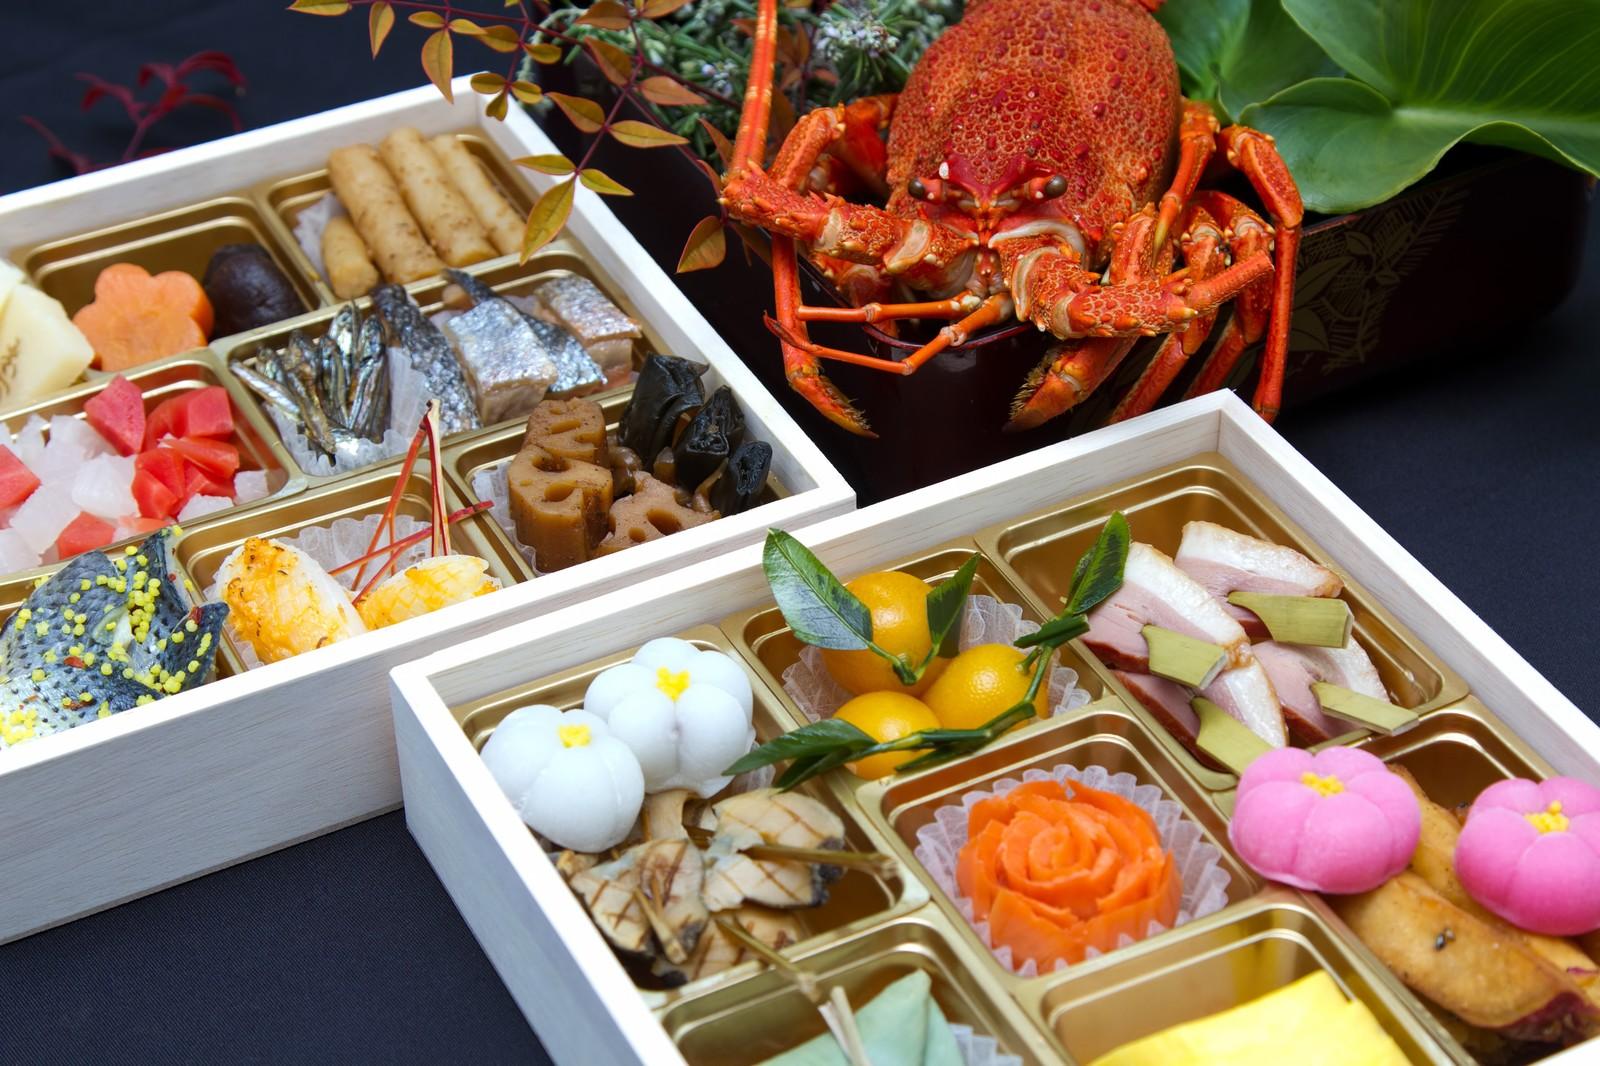 「伊勢海老とおせち料理」の写真